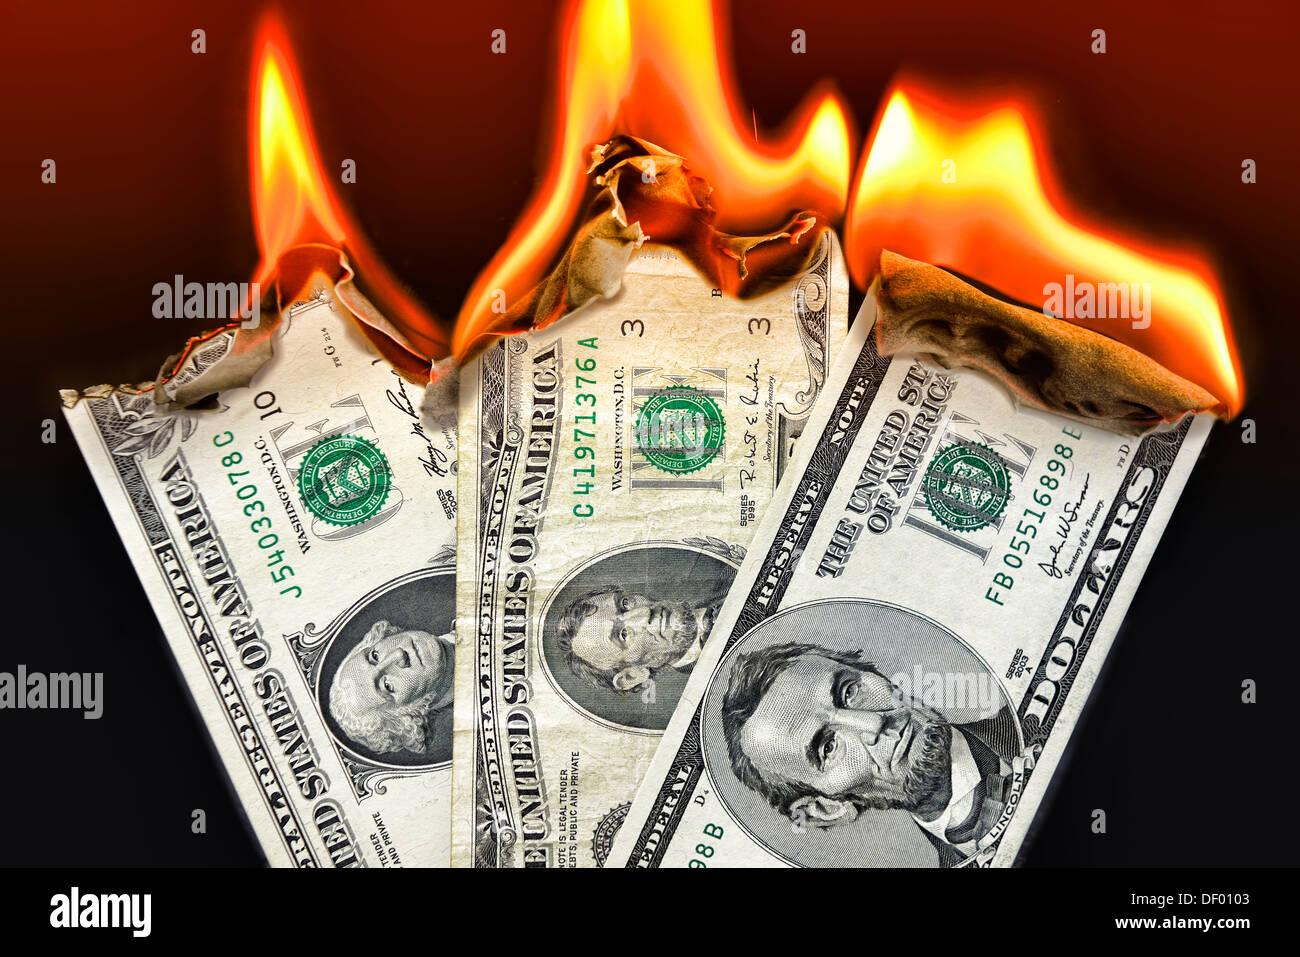 Masterizzazione di segni di dollaro, stato di indebitamento degli STATI UNITI D'AMERICA, Brennende Dollarnoten, Staatsverschuldung der USA Immagini Stock